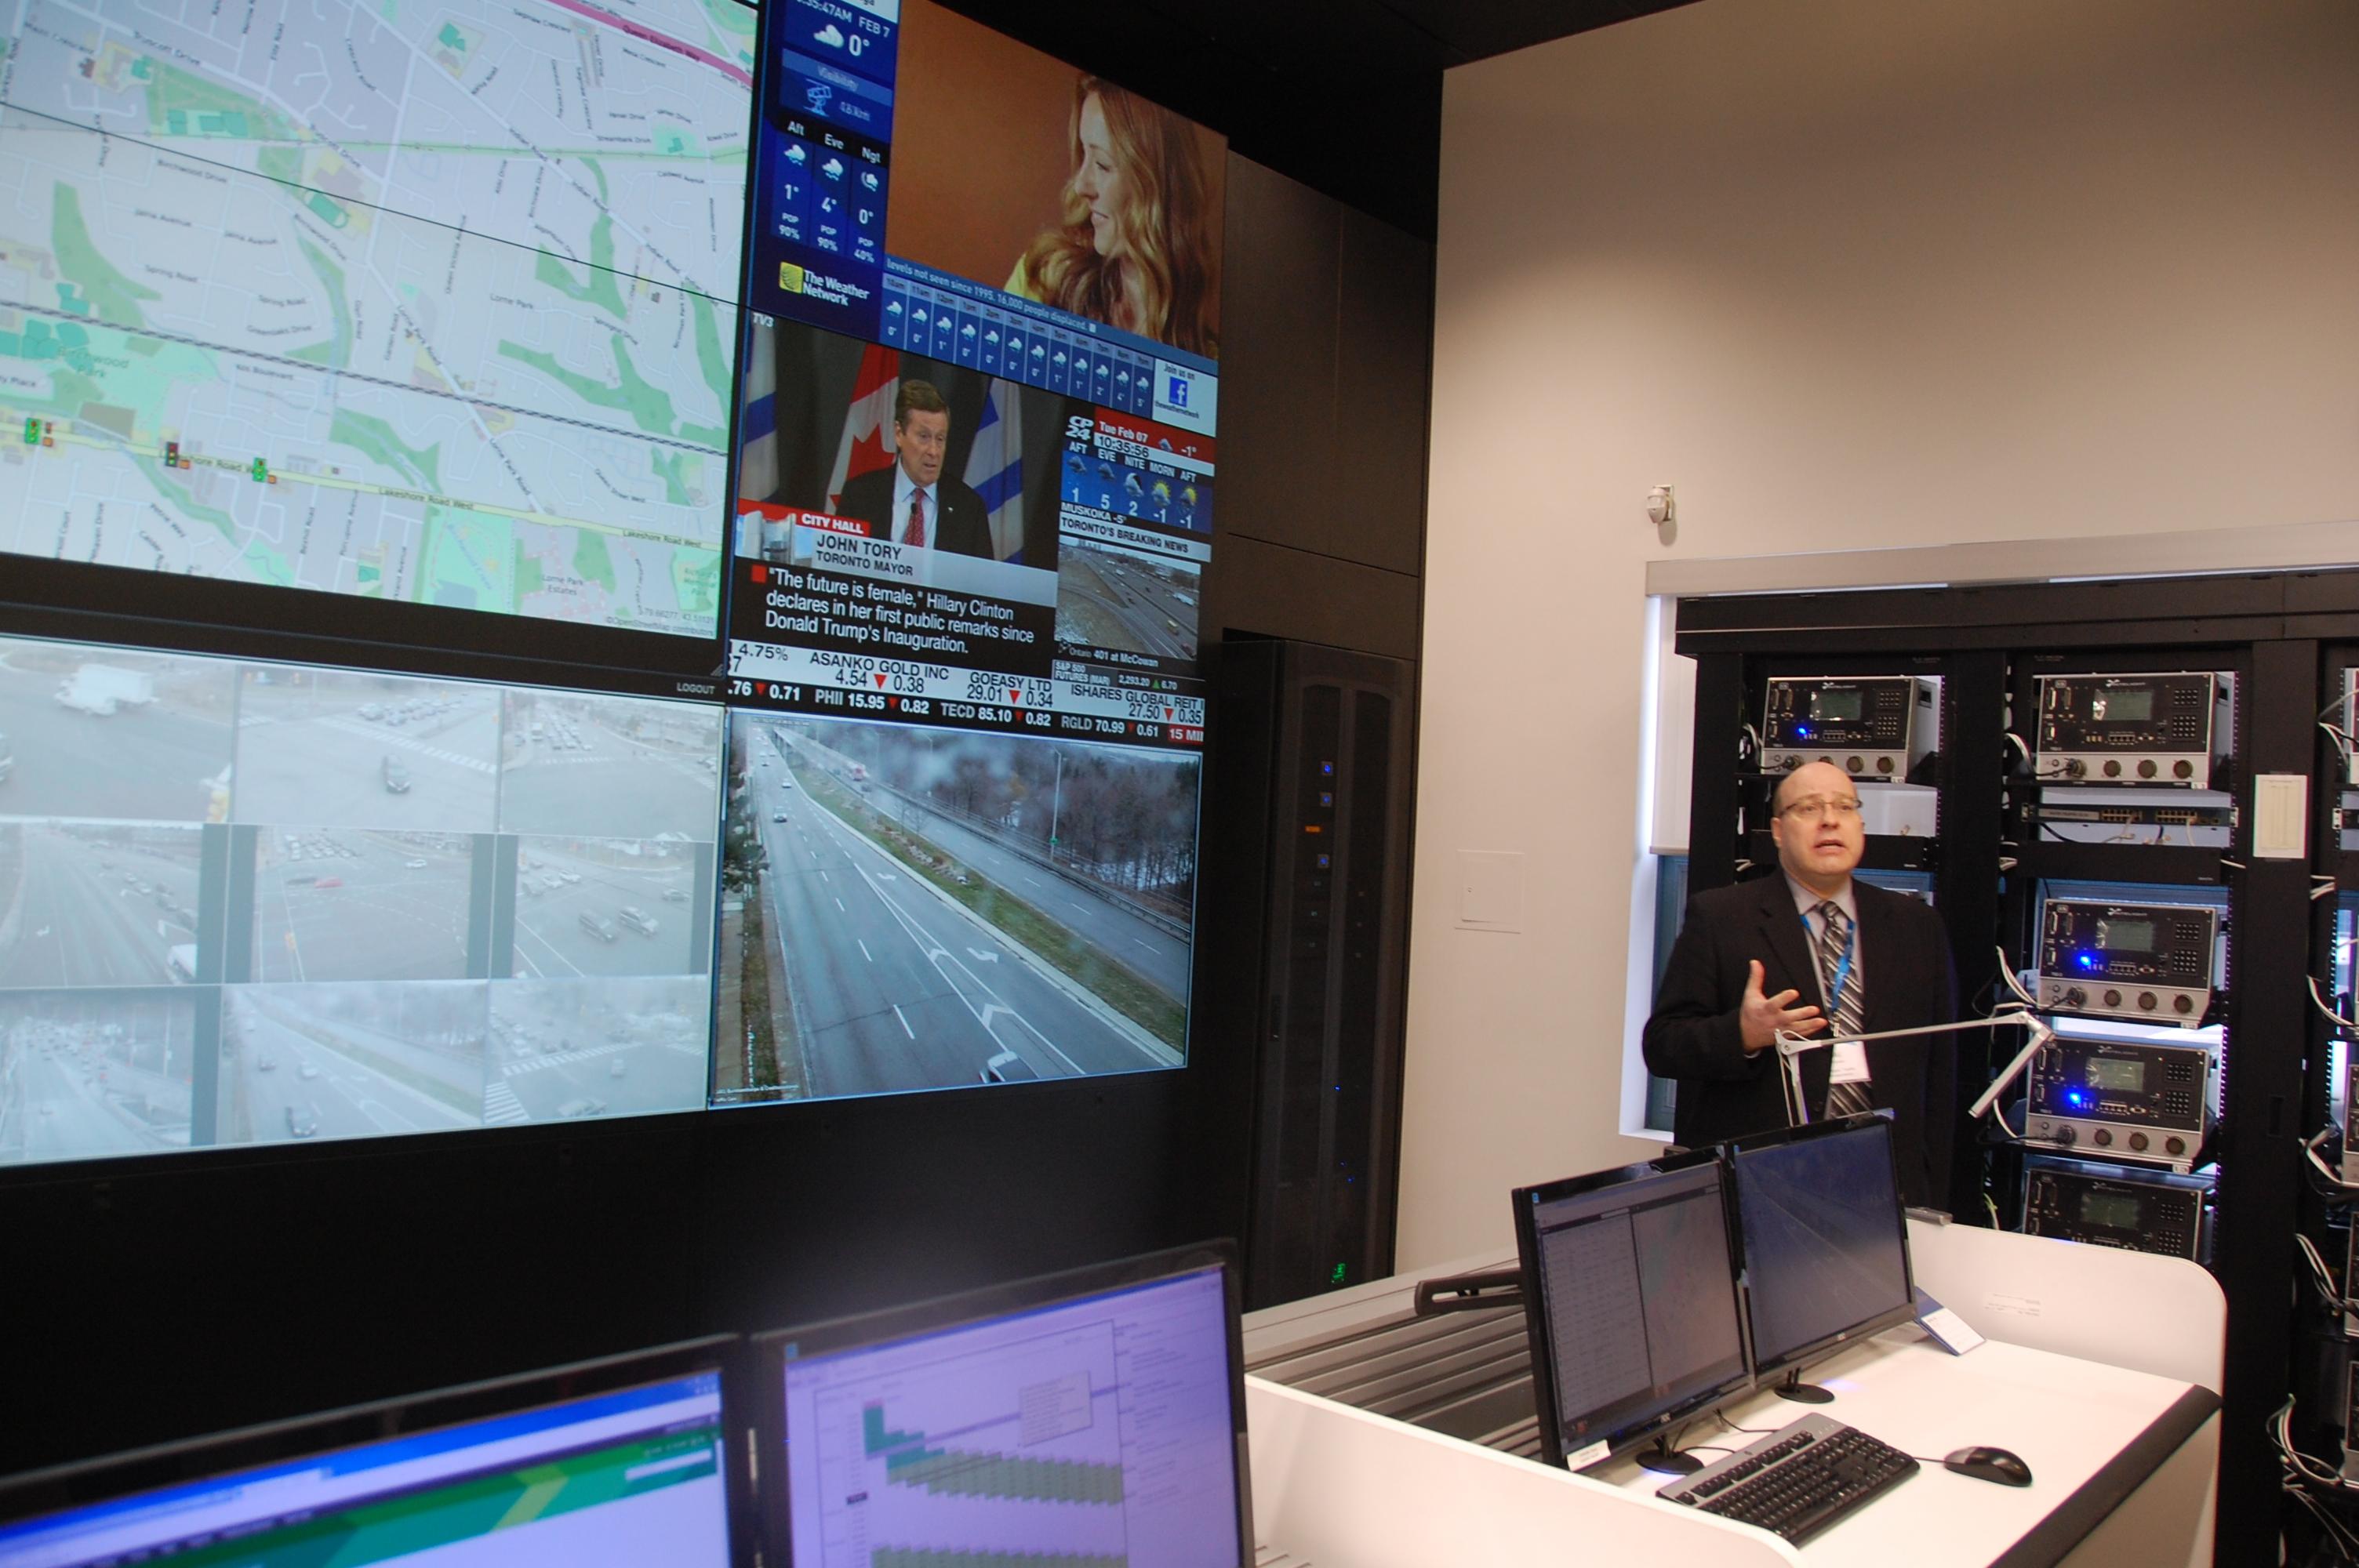 Shawn Slack, le directeur des technologies informatiques de la Mississauga.